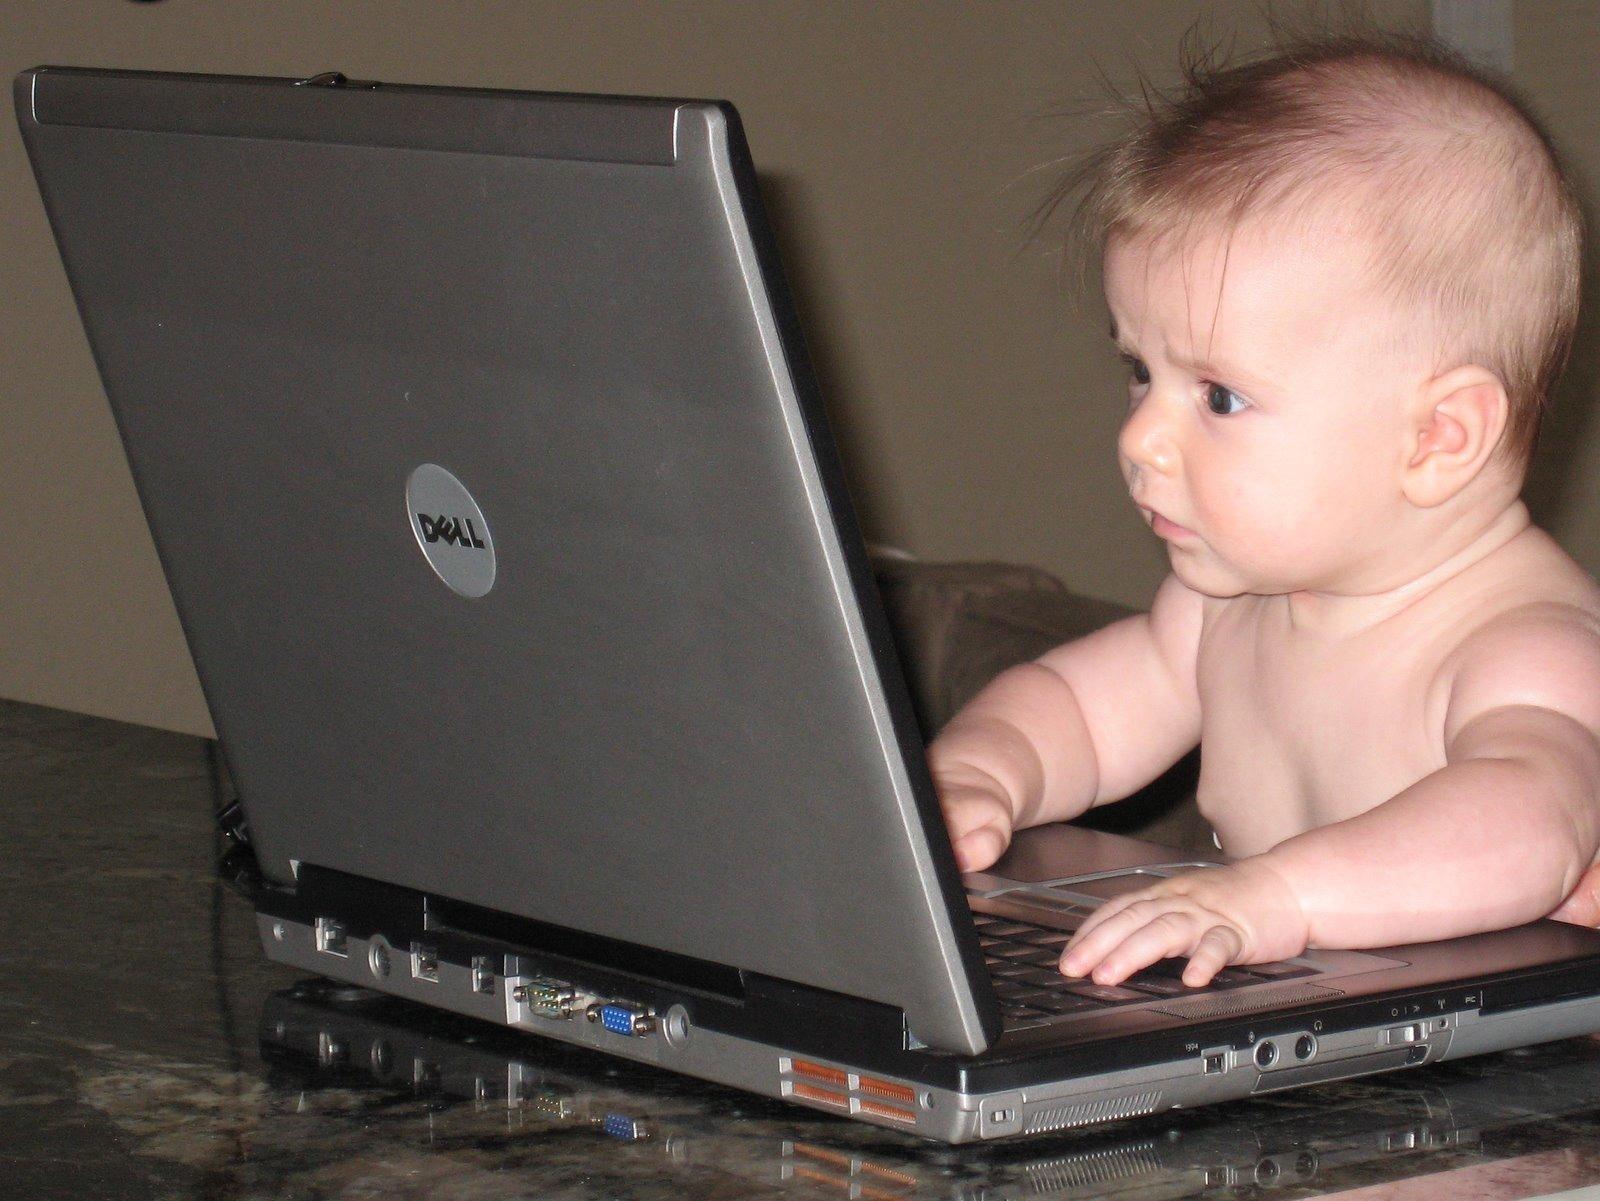 Как заблокировать компьютер от ребенка